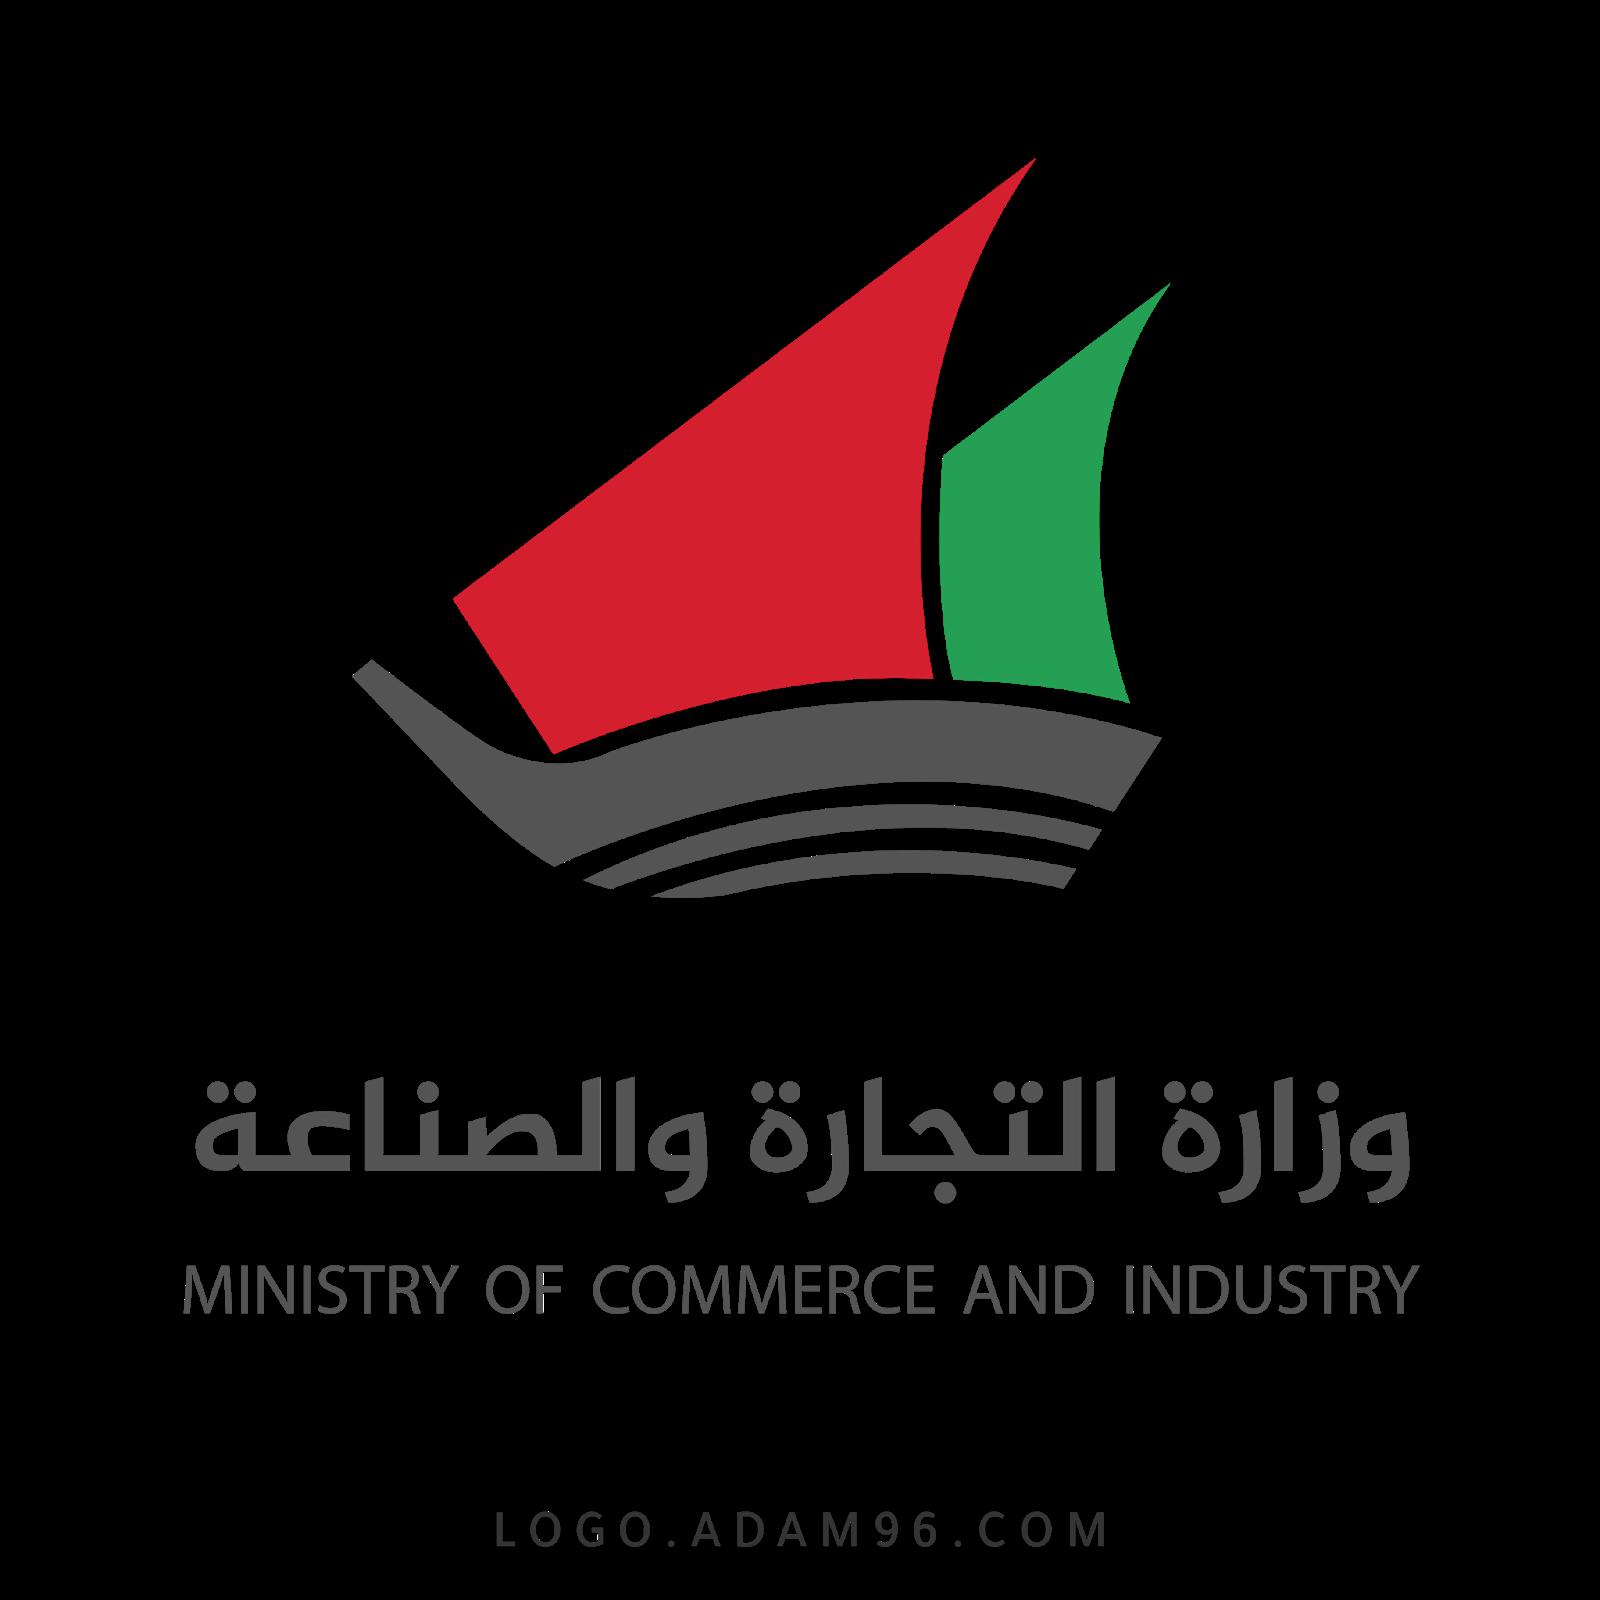 شعار وزارة التجارة والصناعة الكويت